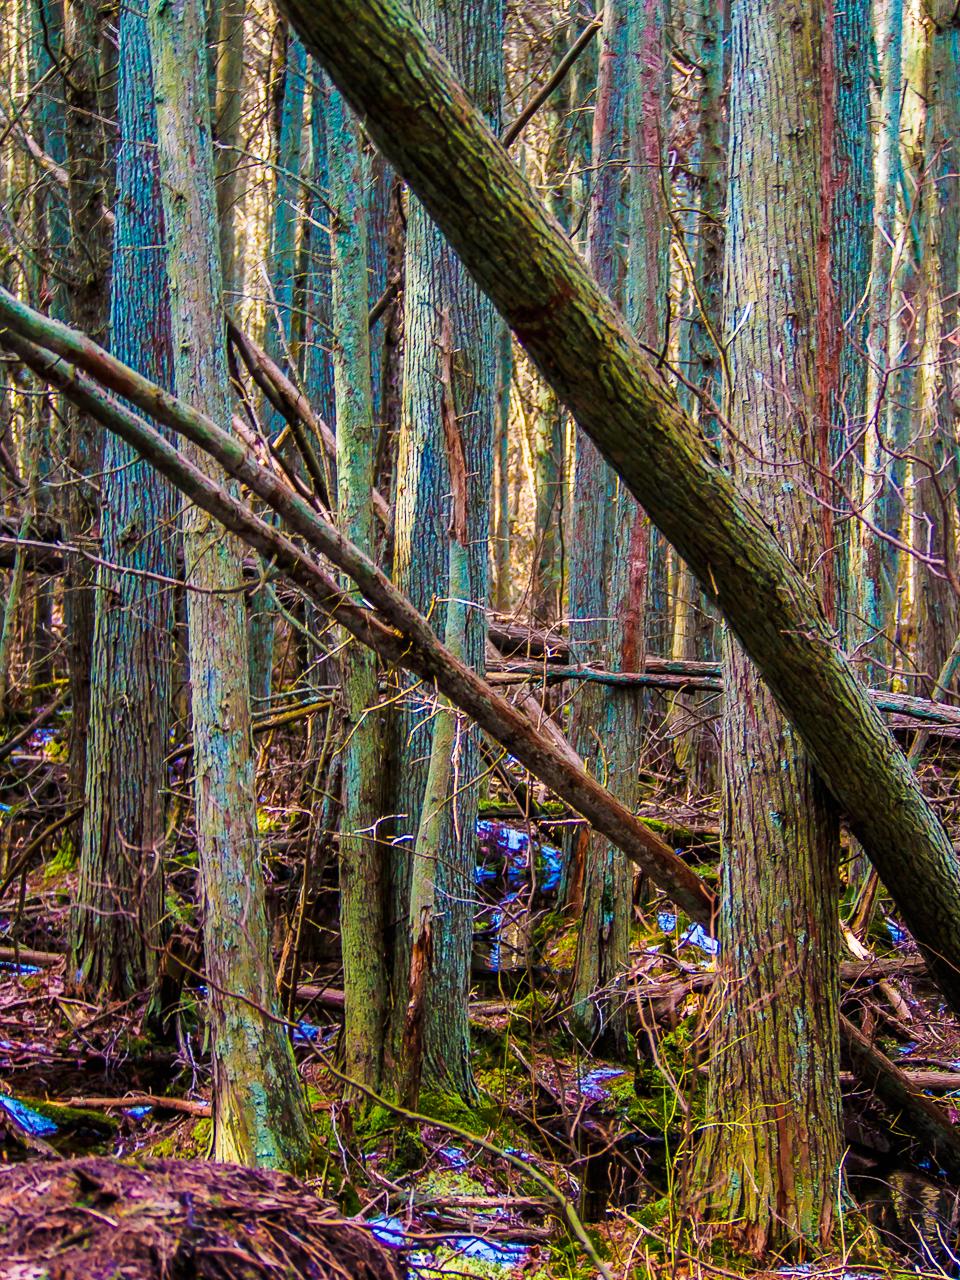 Photograph of a Pinelands-cedar-swamp